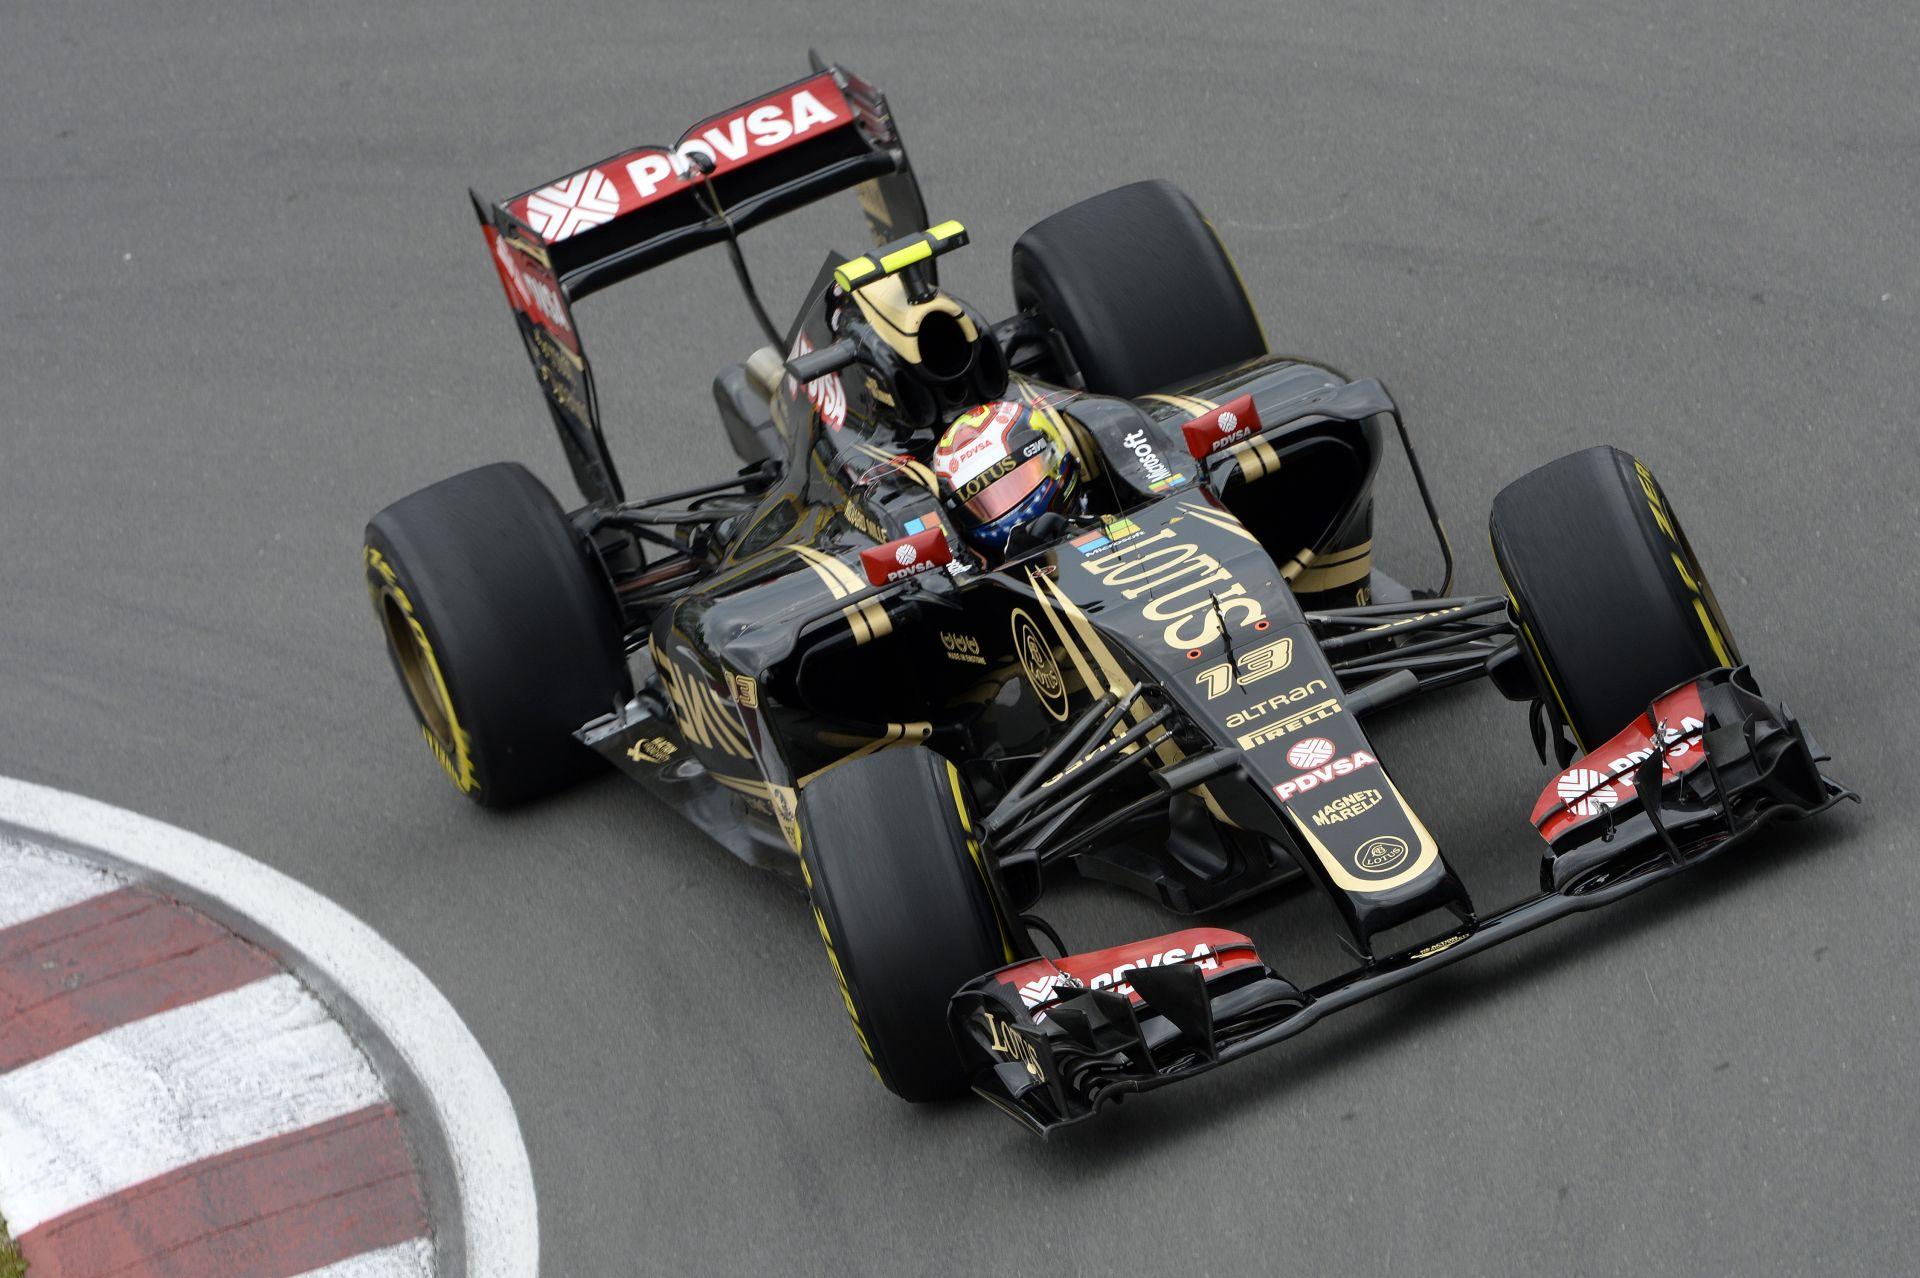 Maldonado megtörte az átkot, Hülkenberg pedig simán hozta a 8. helyet Kanadában!